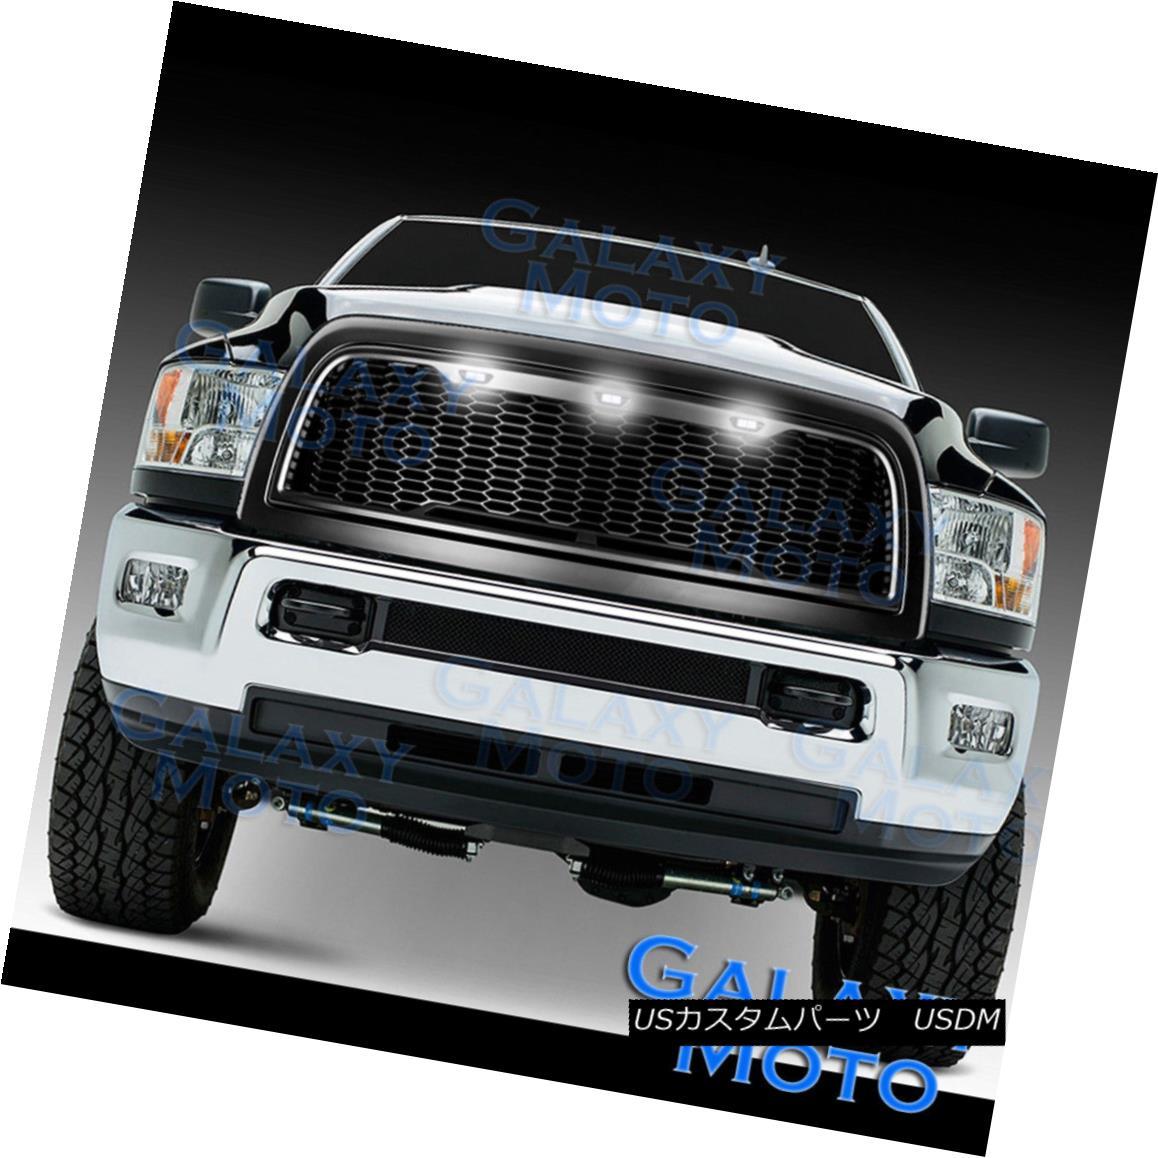 グリル 10-17 RAM 2500+3500 Raptor Matte Black Replacement Mesh Grille+Shell+White 3xLED 10-17 RAM 2500 + 3500ラプターマットブラック交換メッシュグリル+シェル+ W hite 3xLED